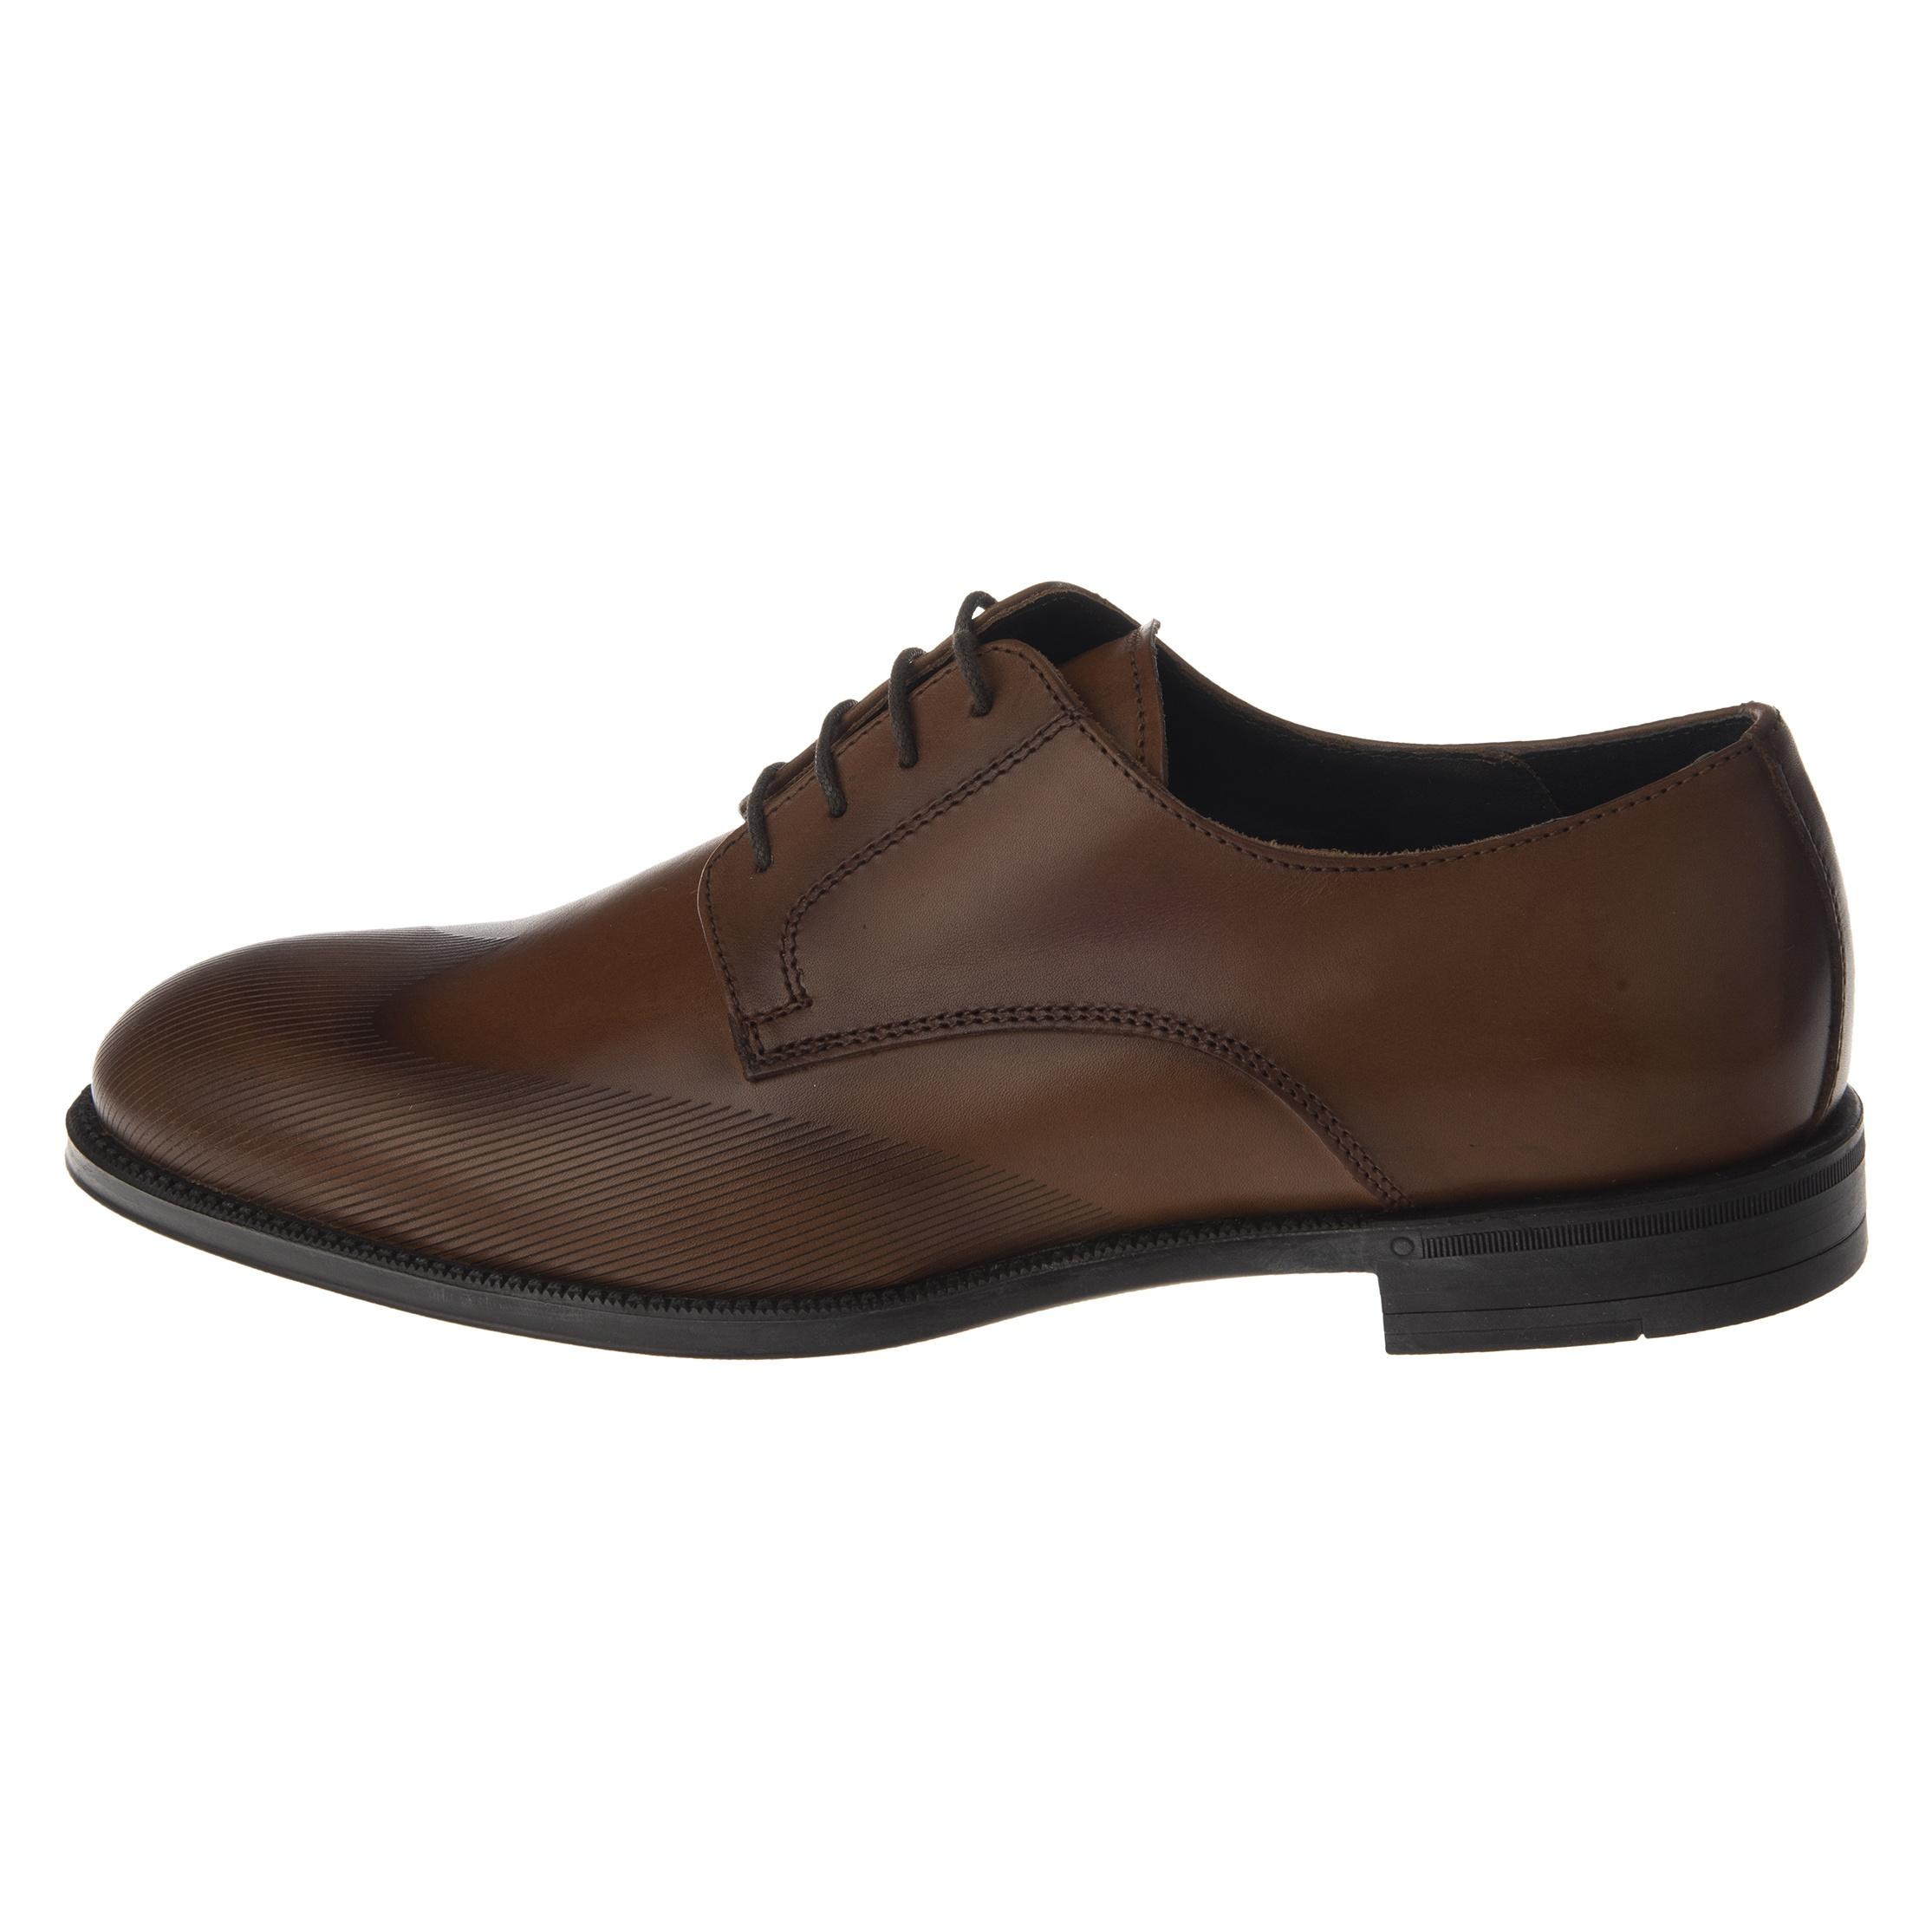 کفش مردانه گابور مدل 68.145.55